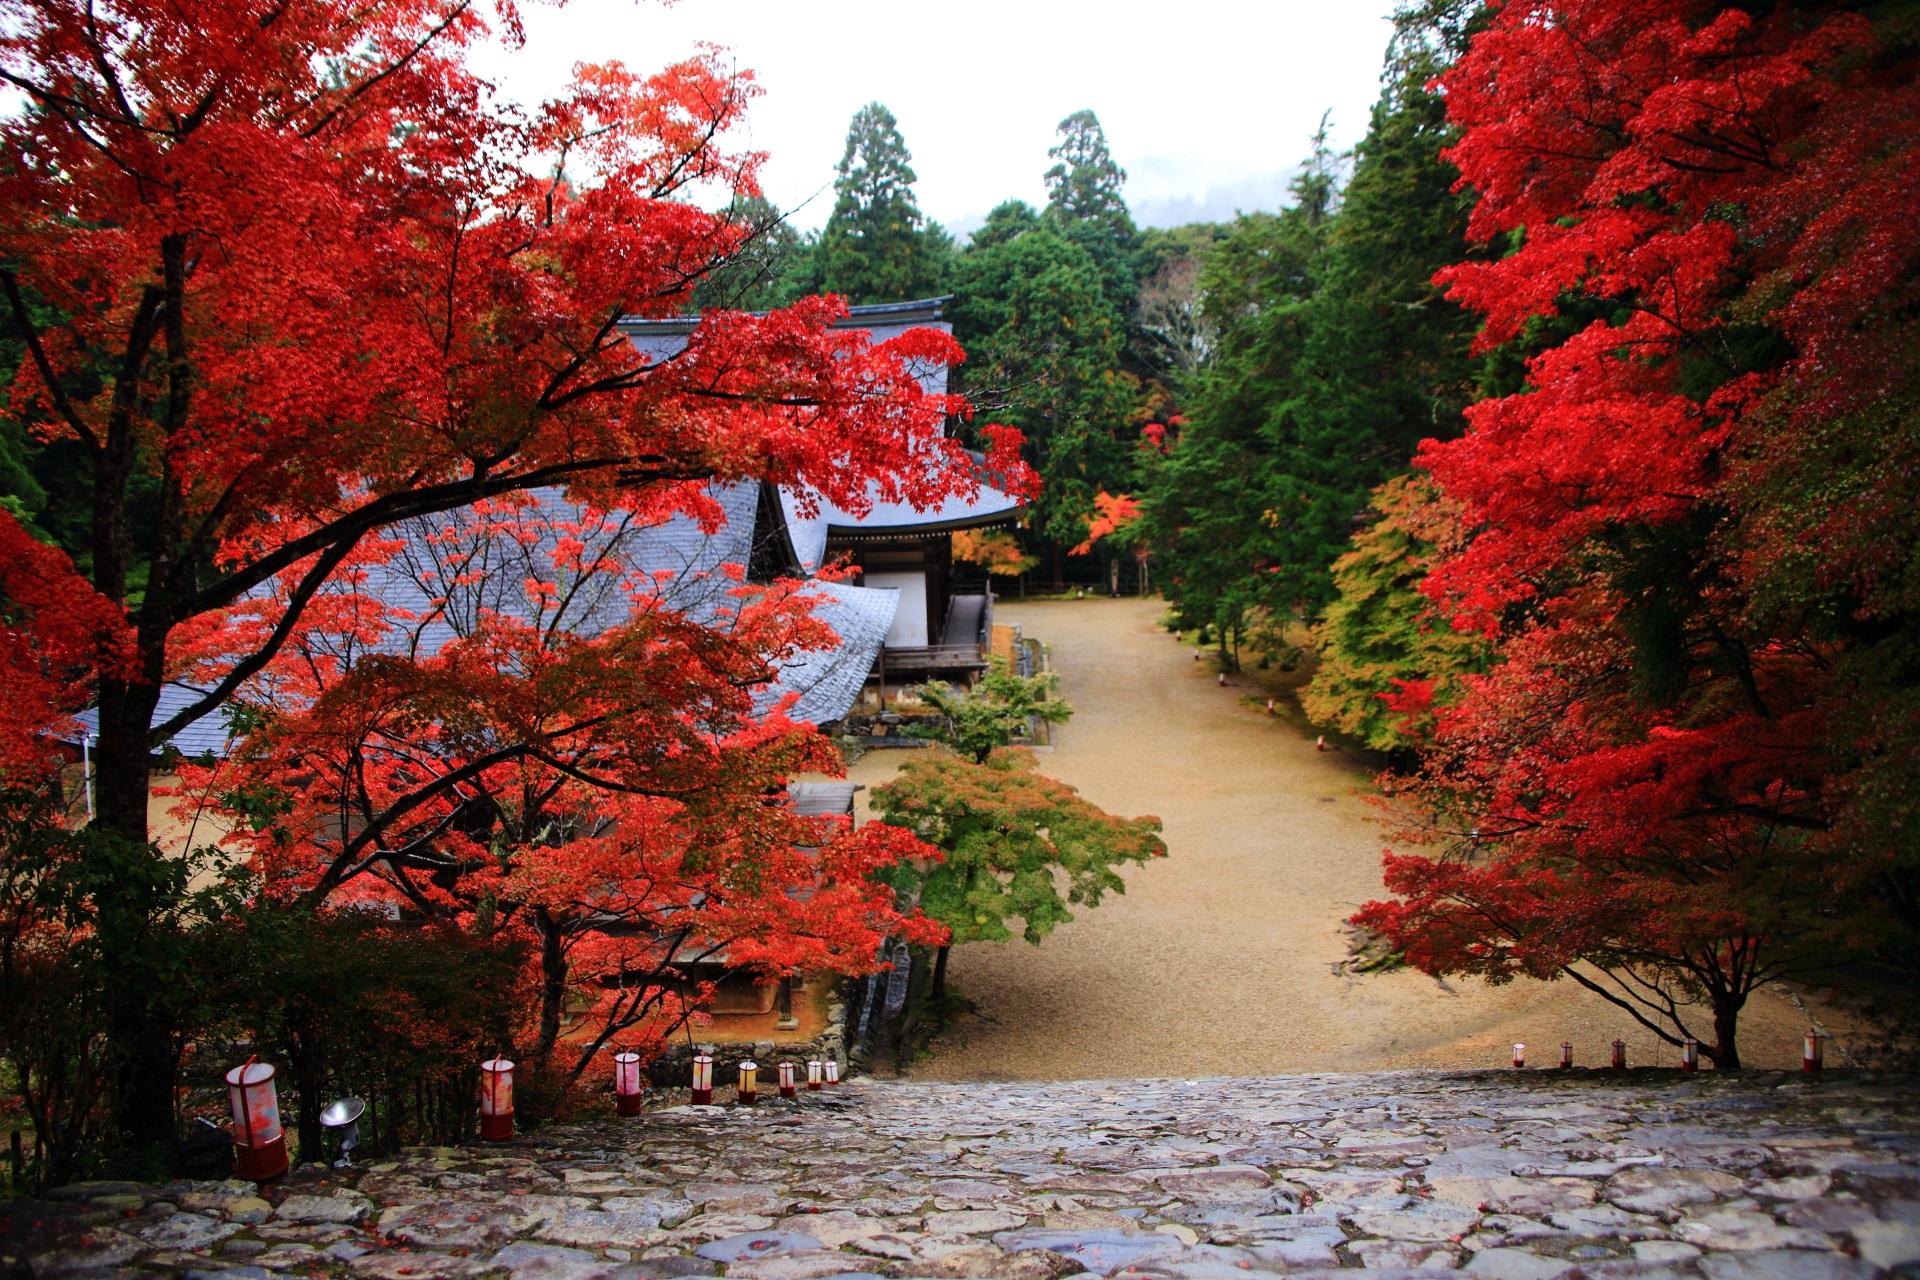 神護寺の金堂前から眺めた五大堂と毘沙門堂の紅葉